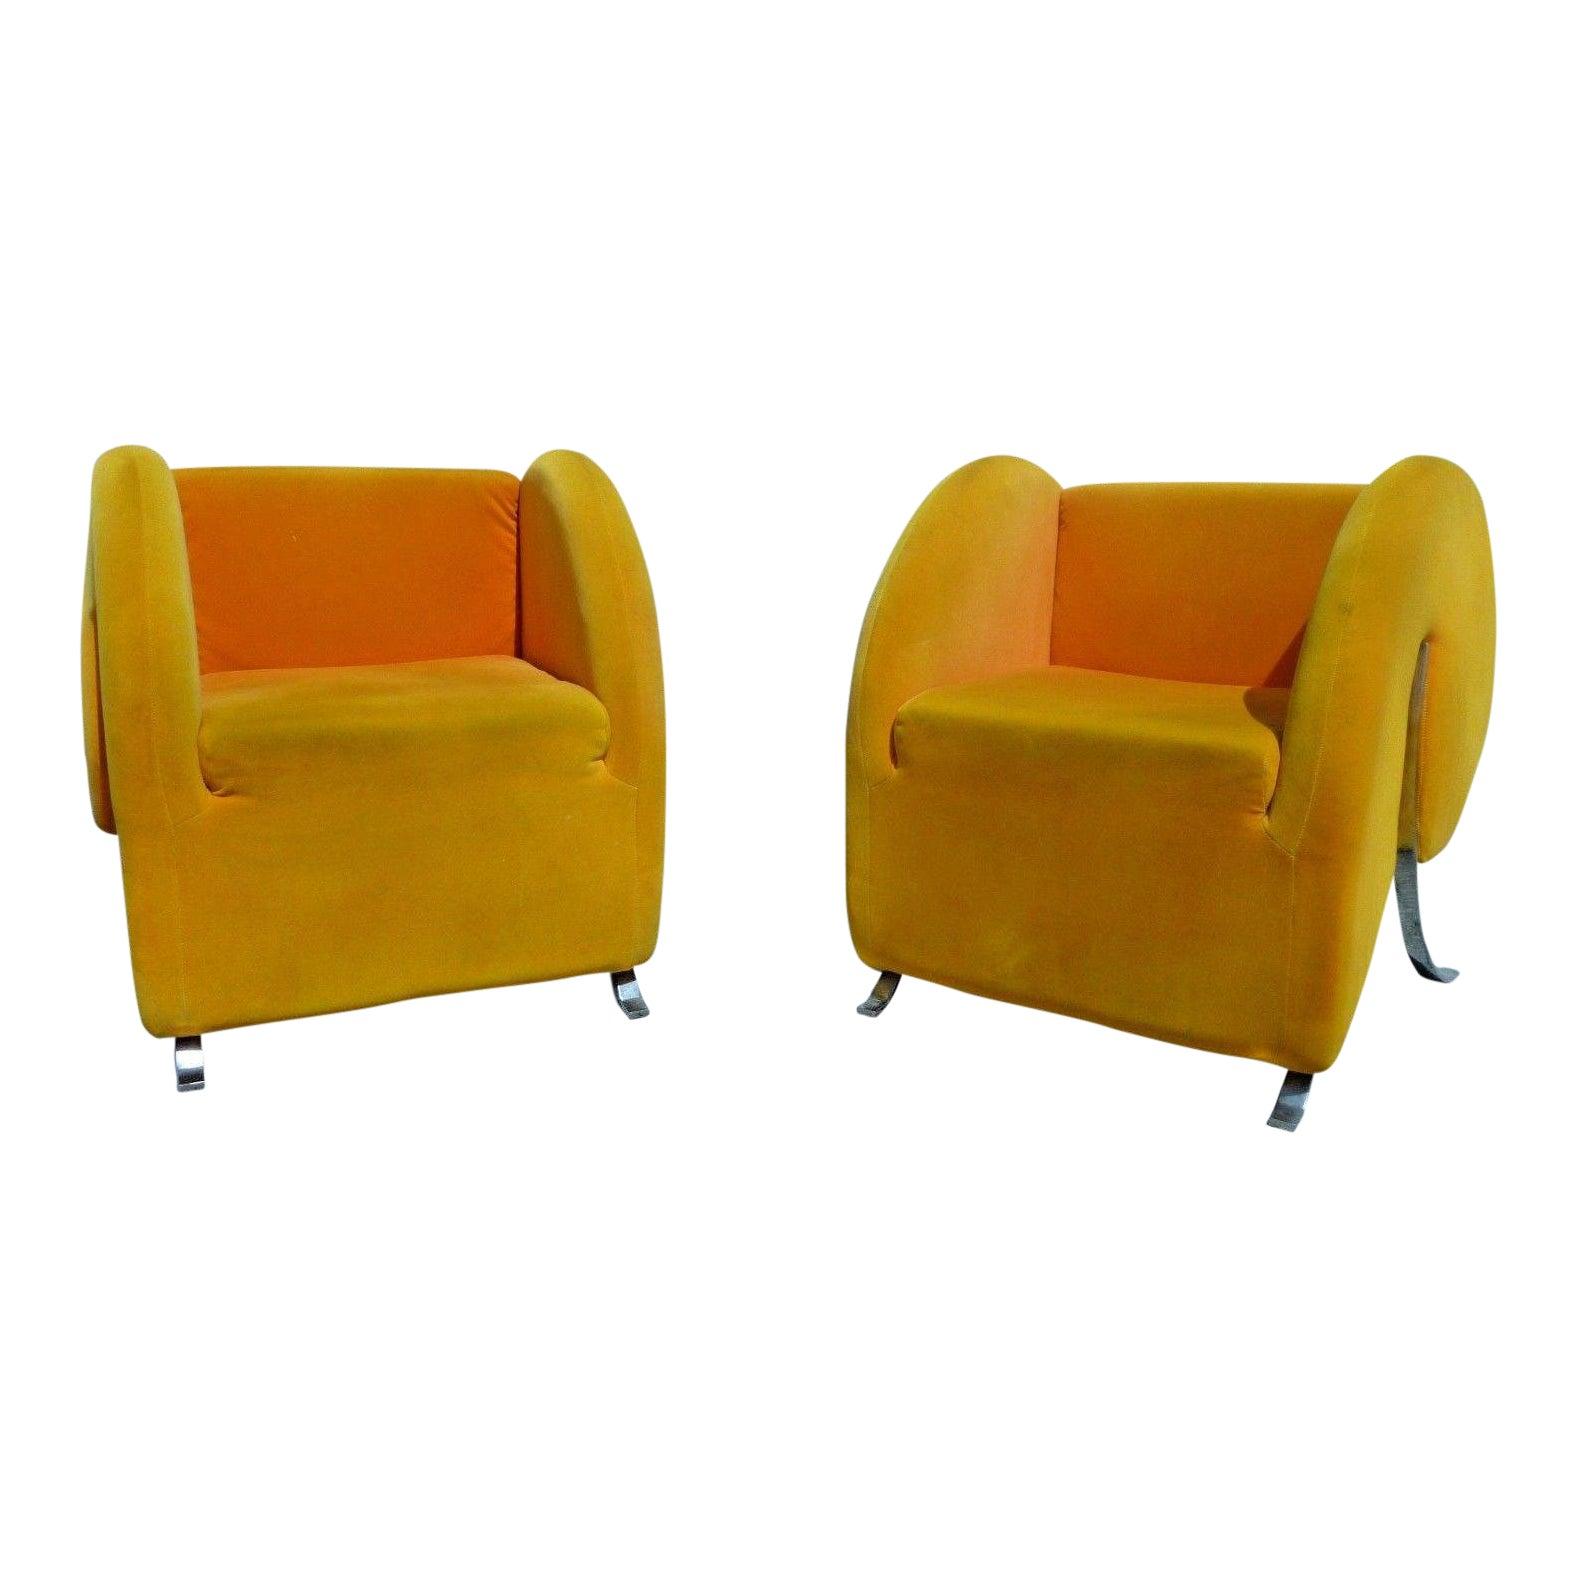 Postmodern comma or apostrophe club chairs a pair chairish